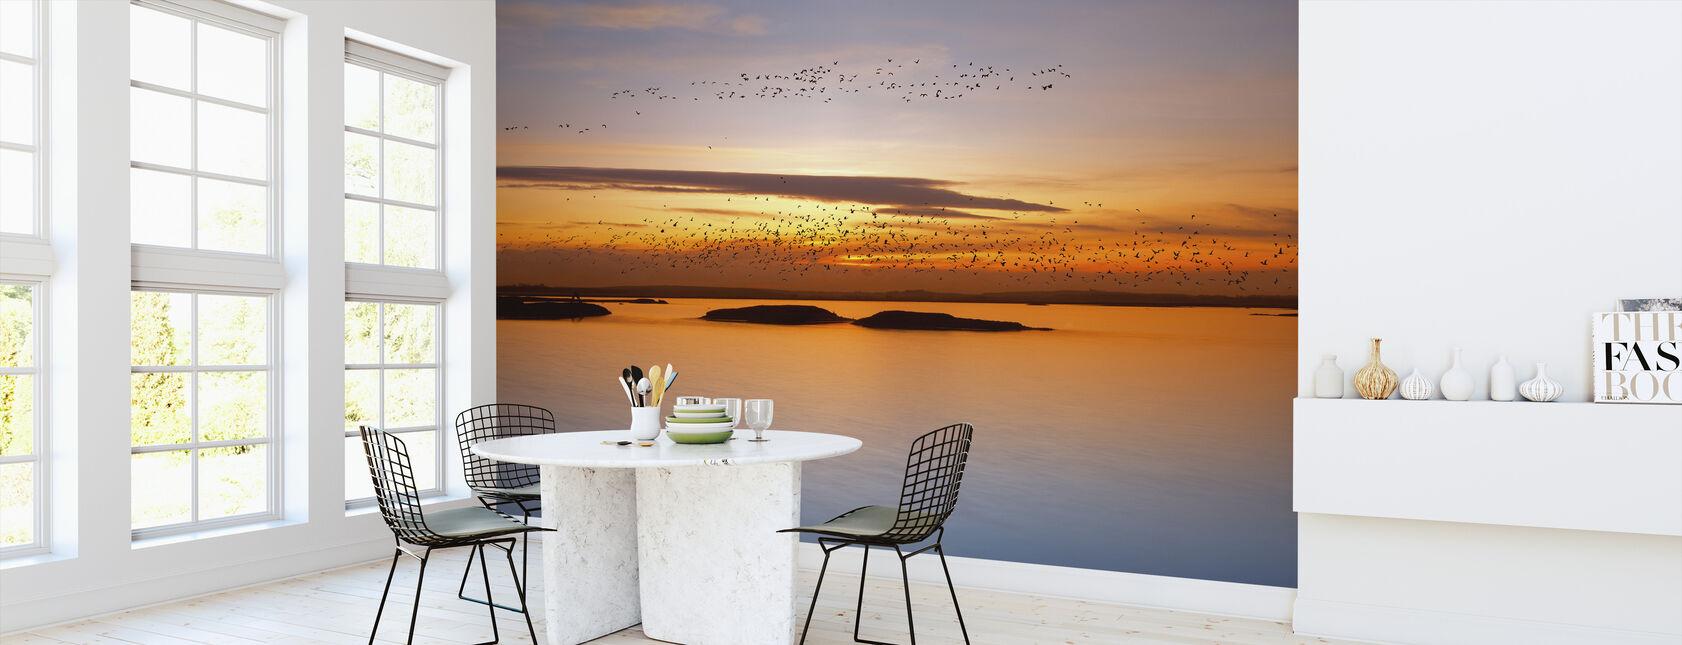 Solnedgang - Tapet - Kjøkken